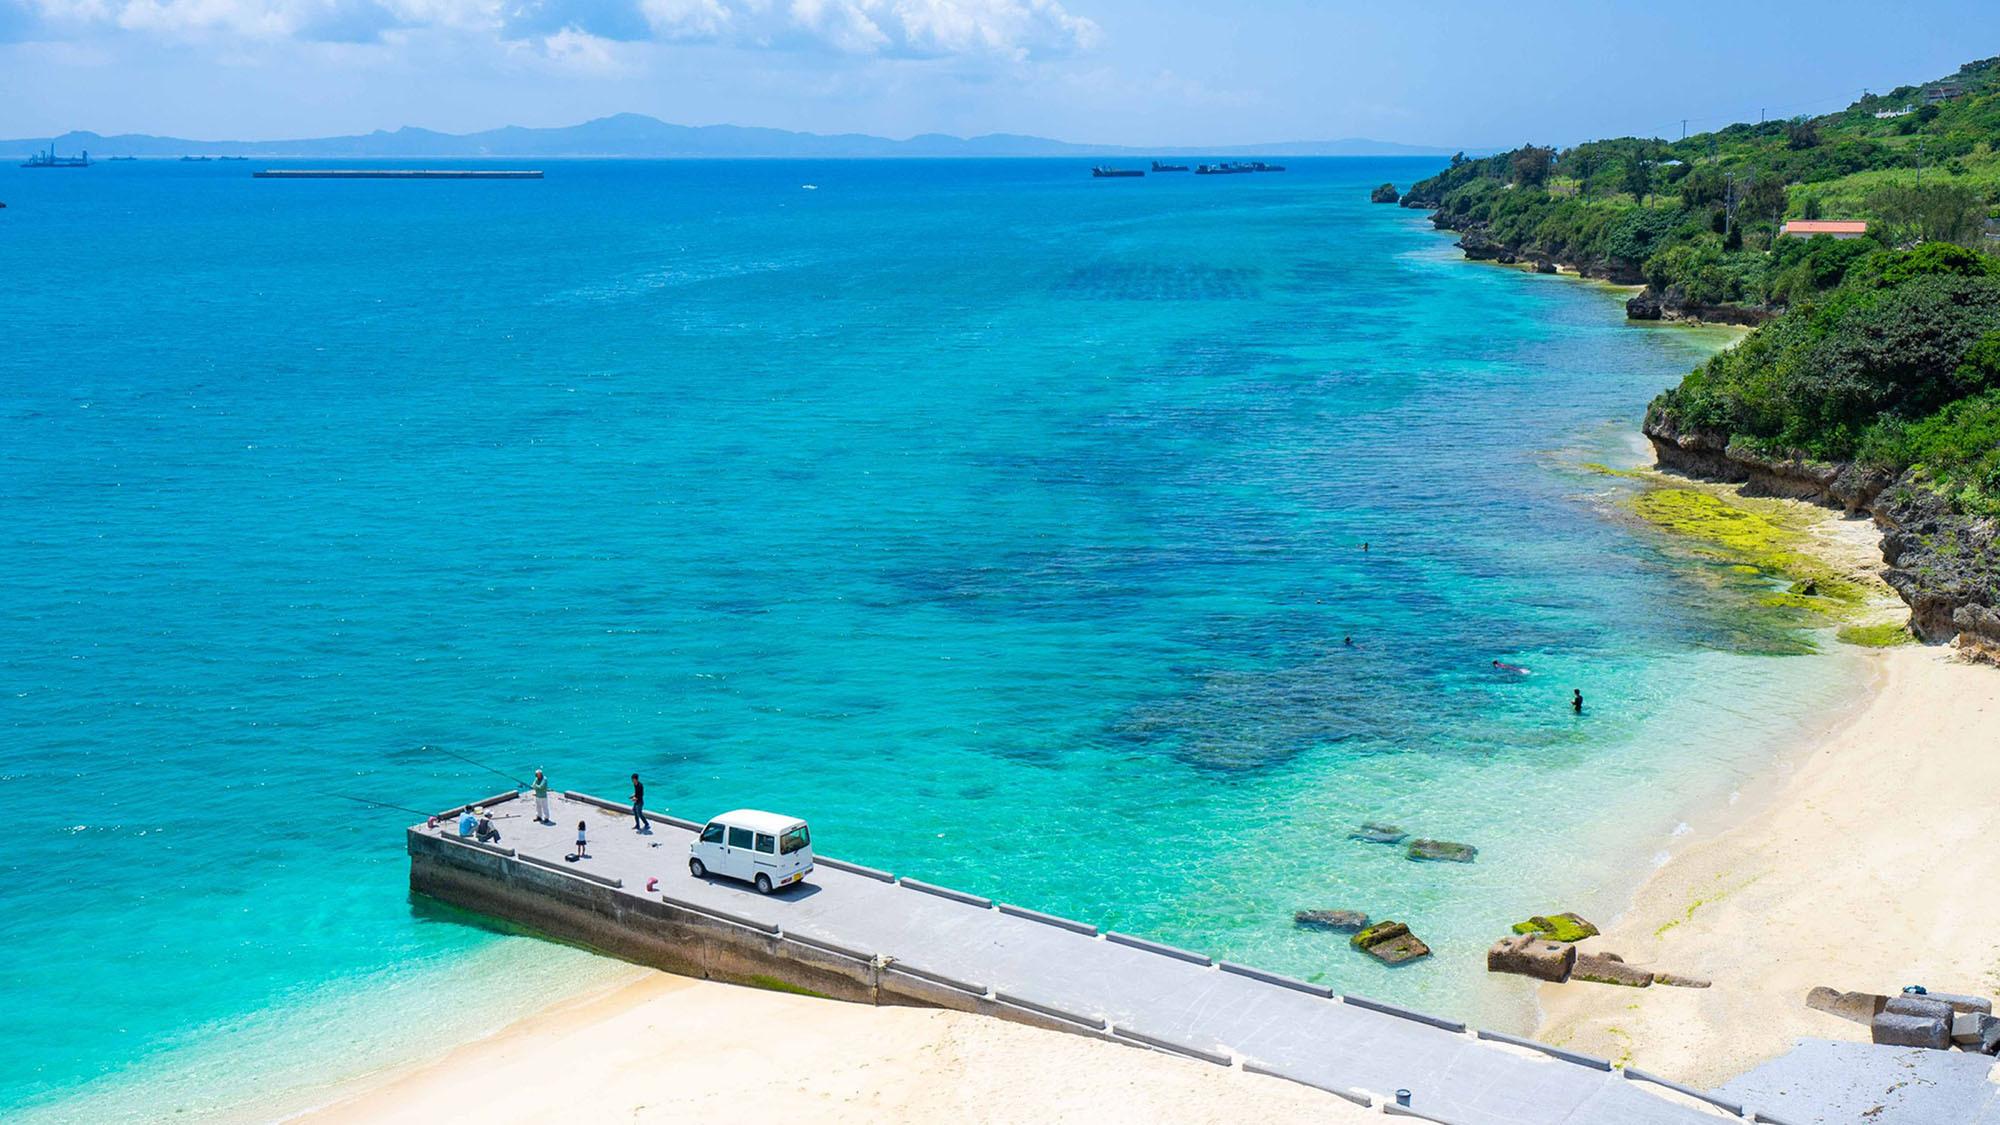 ・【ビーチ】海水浴、ダイビング、釣り大満足のリゾートライフ!